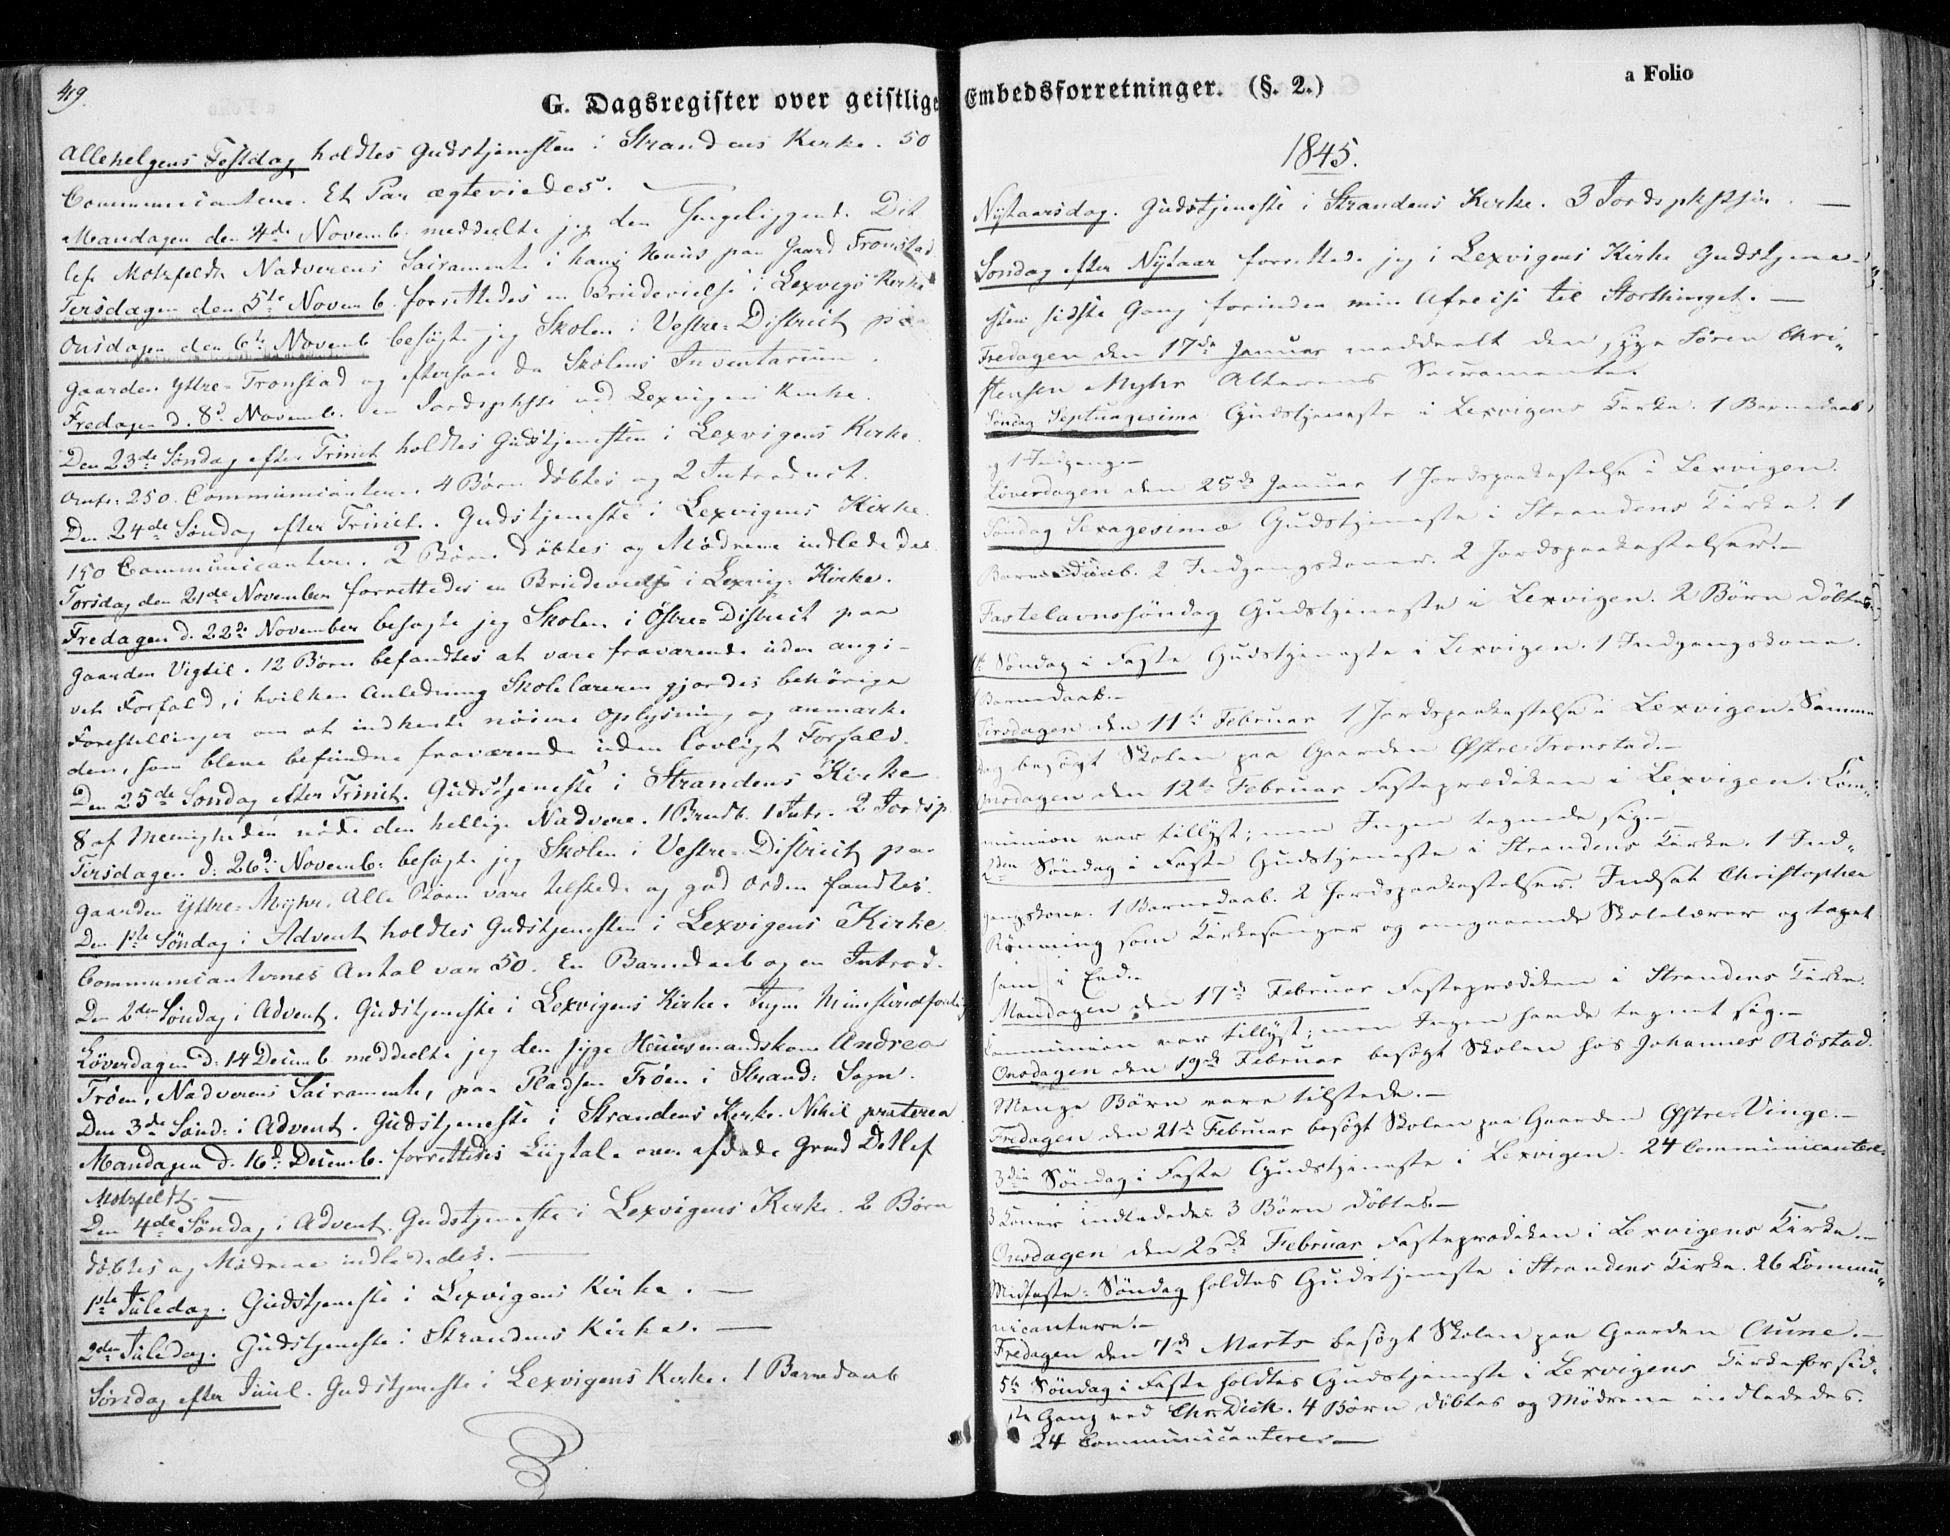 SAT, Ministerialprotokoller, klokkerbøker og fødselsregistre - Nord-Trøndelag, 701/L0007: Ministerialbok nr. 701A07 /1, 1842-1854, s. 419